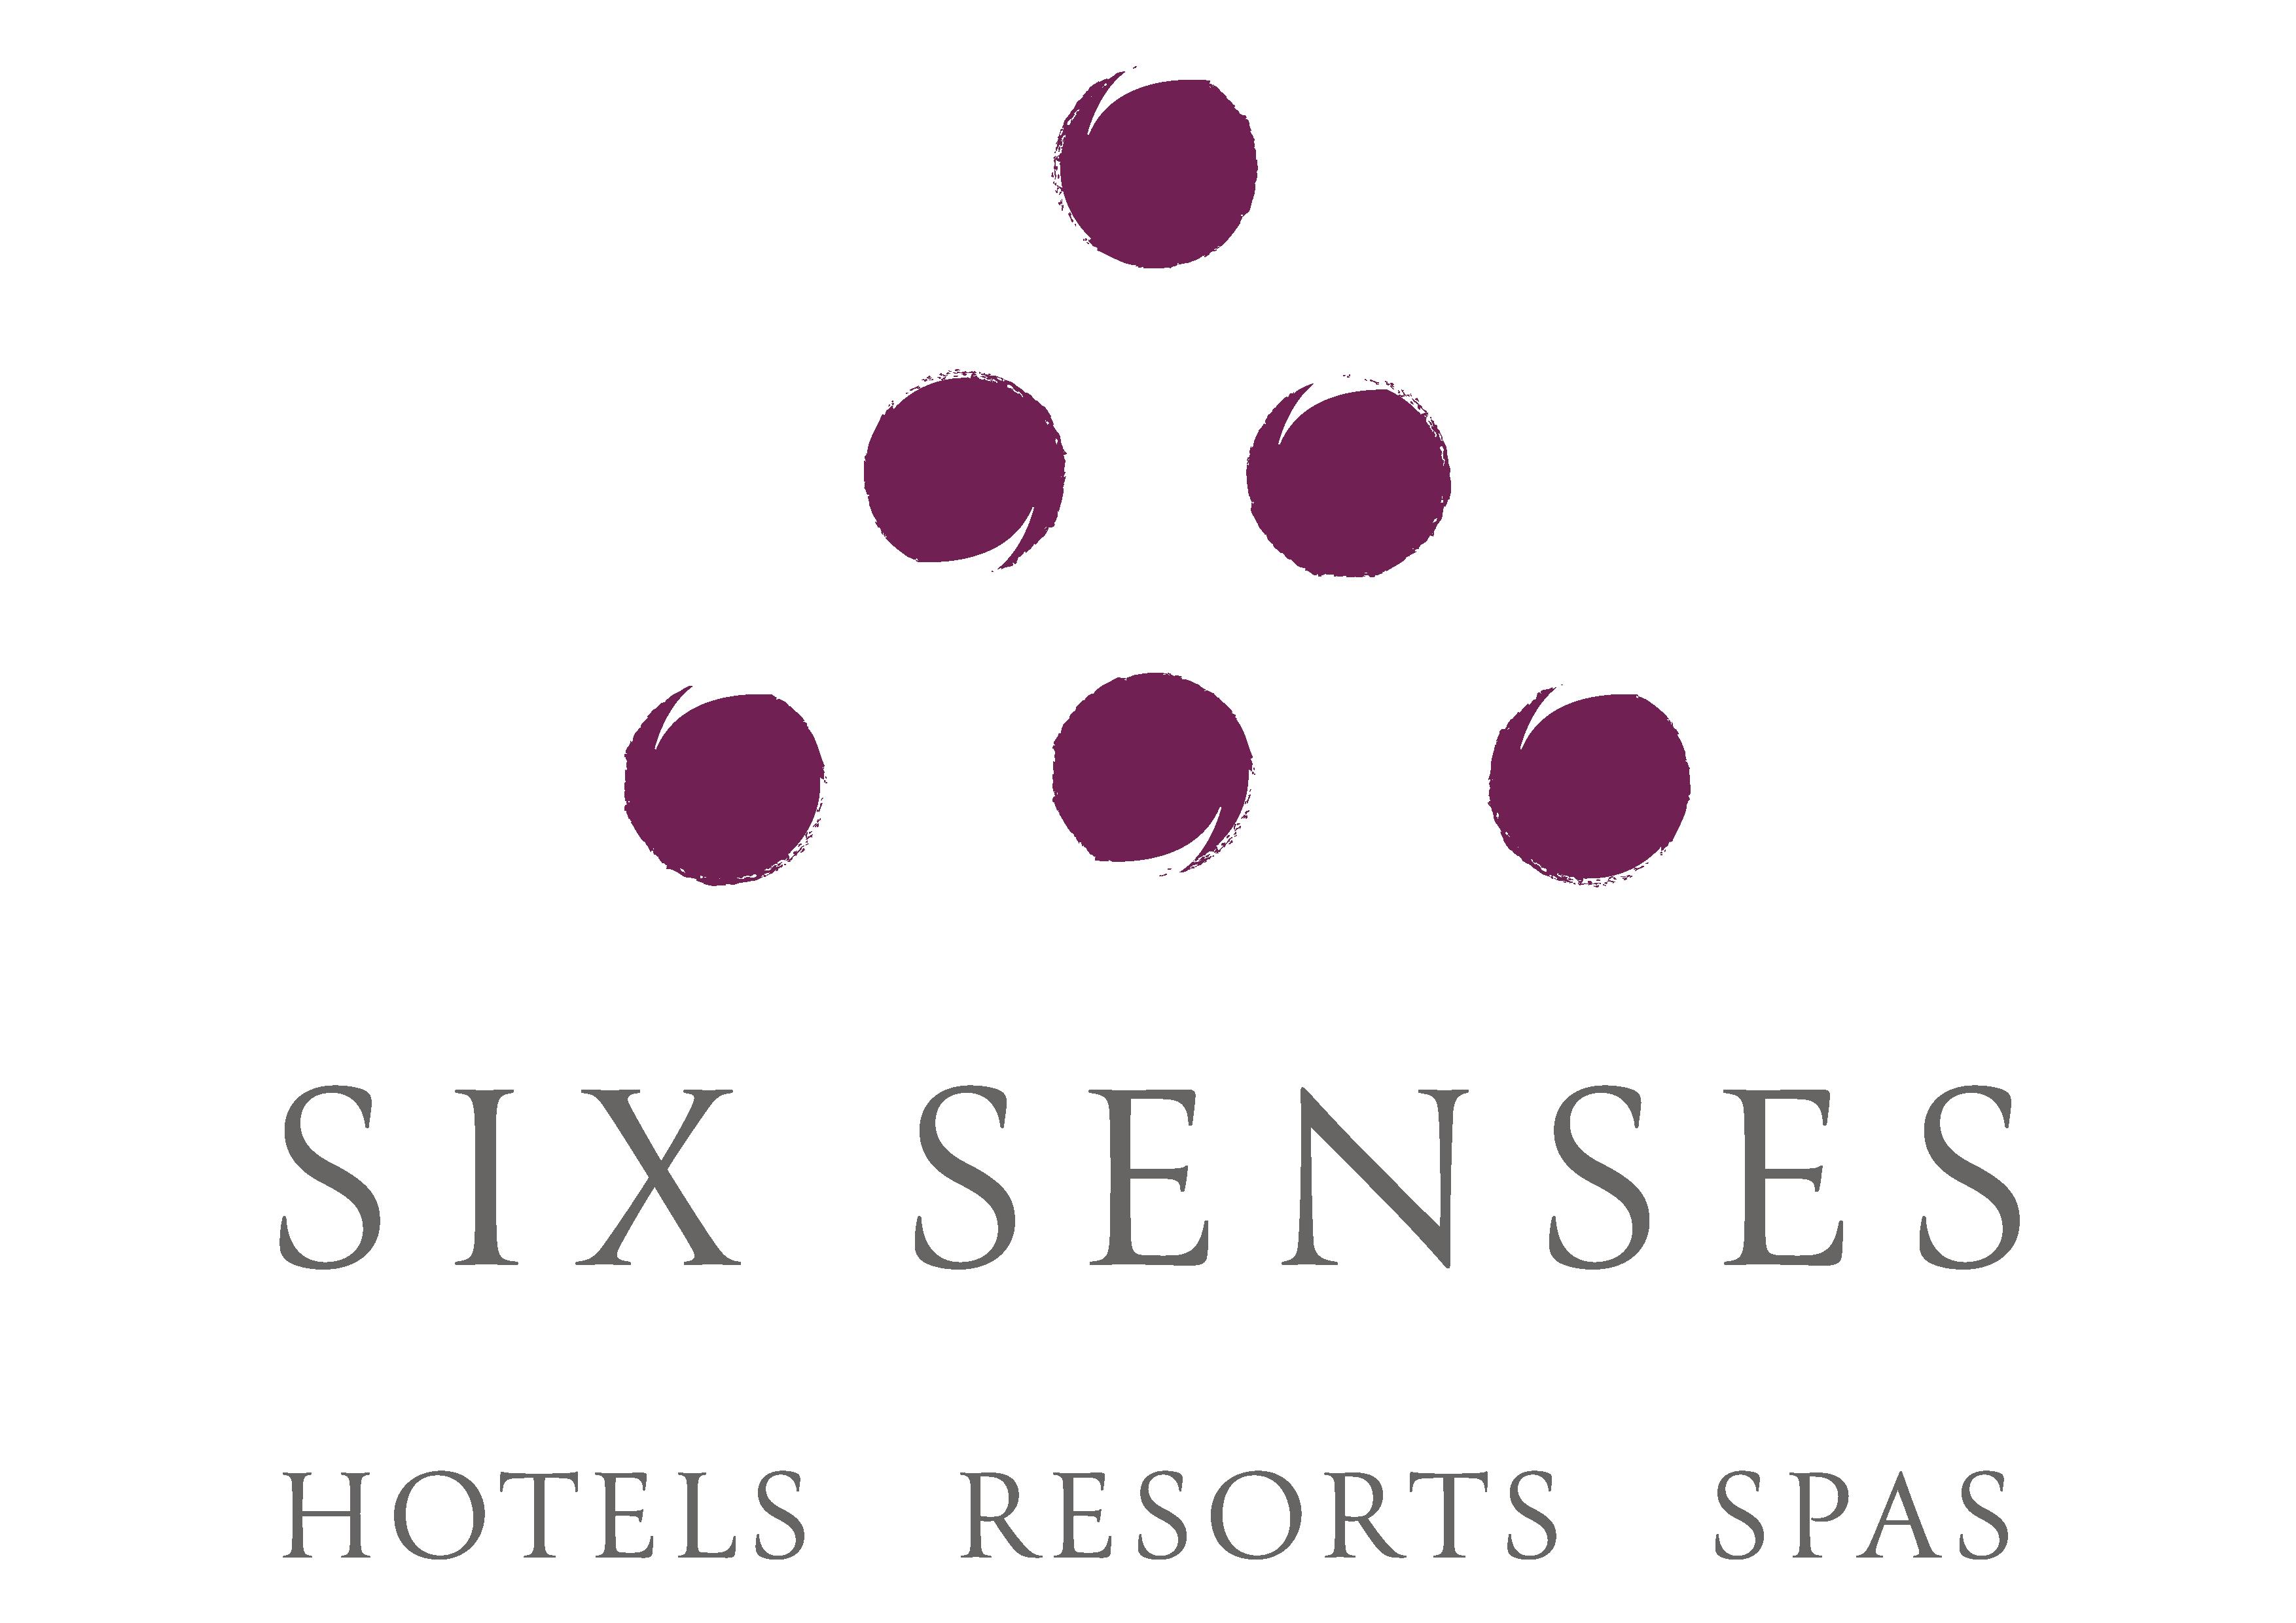 六善酒店、度假酒店及水疗